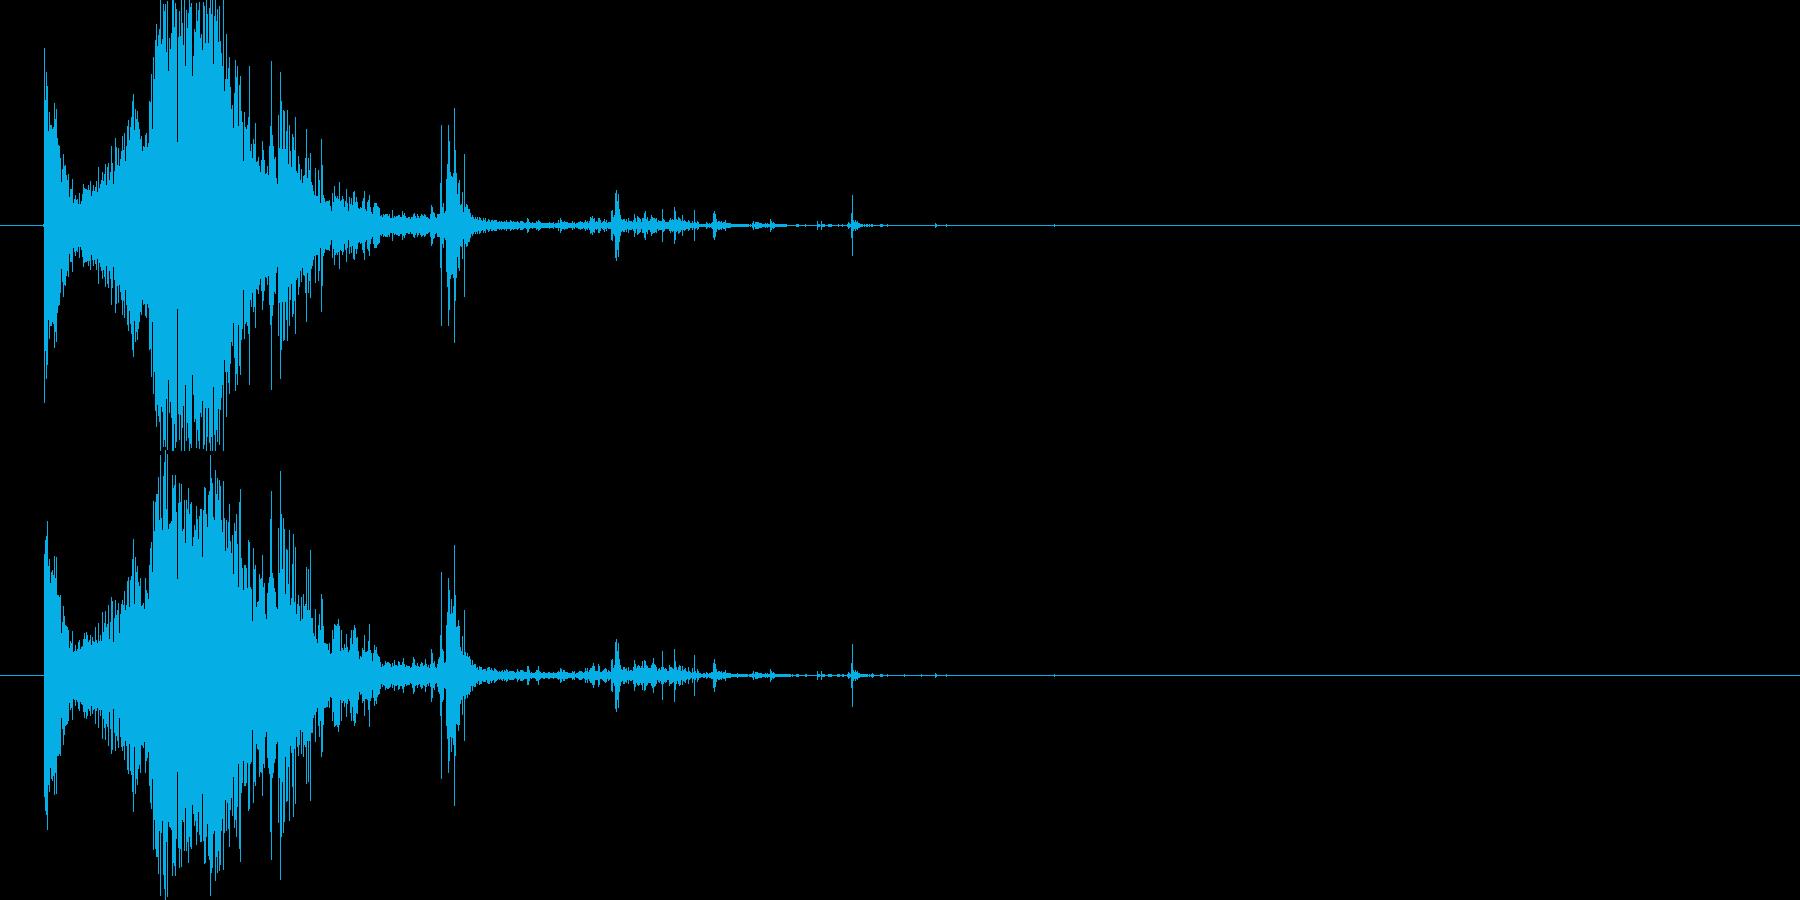 斬撃:軽めの斬撃 出血多量の再生済みの波形